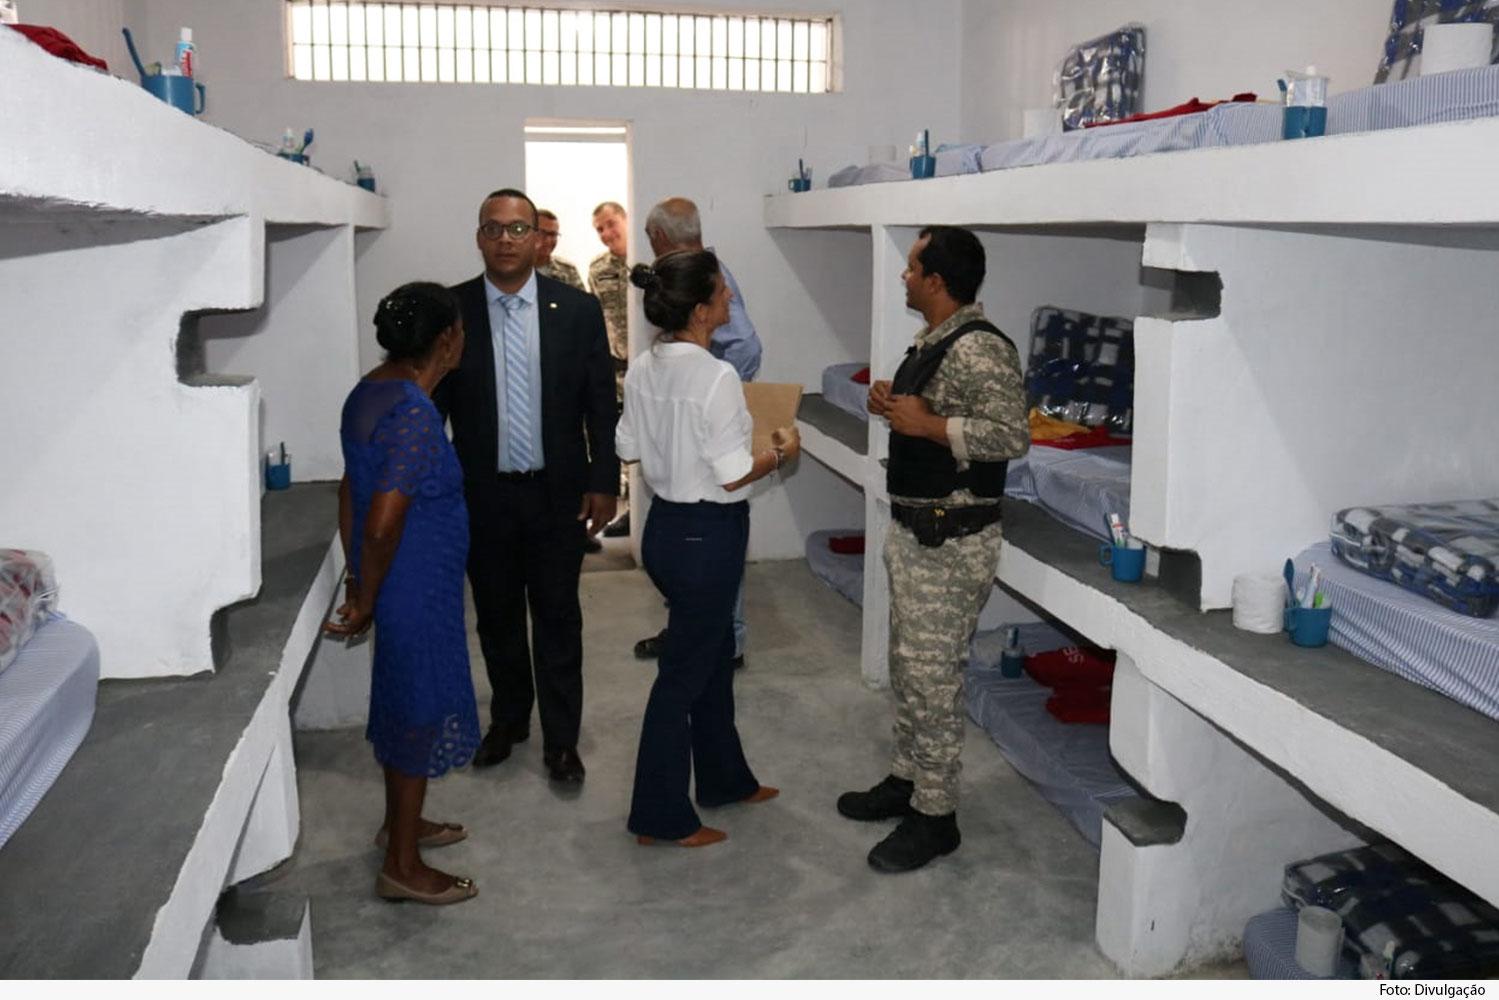 Grupo visita novas instalações do presídio